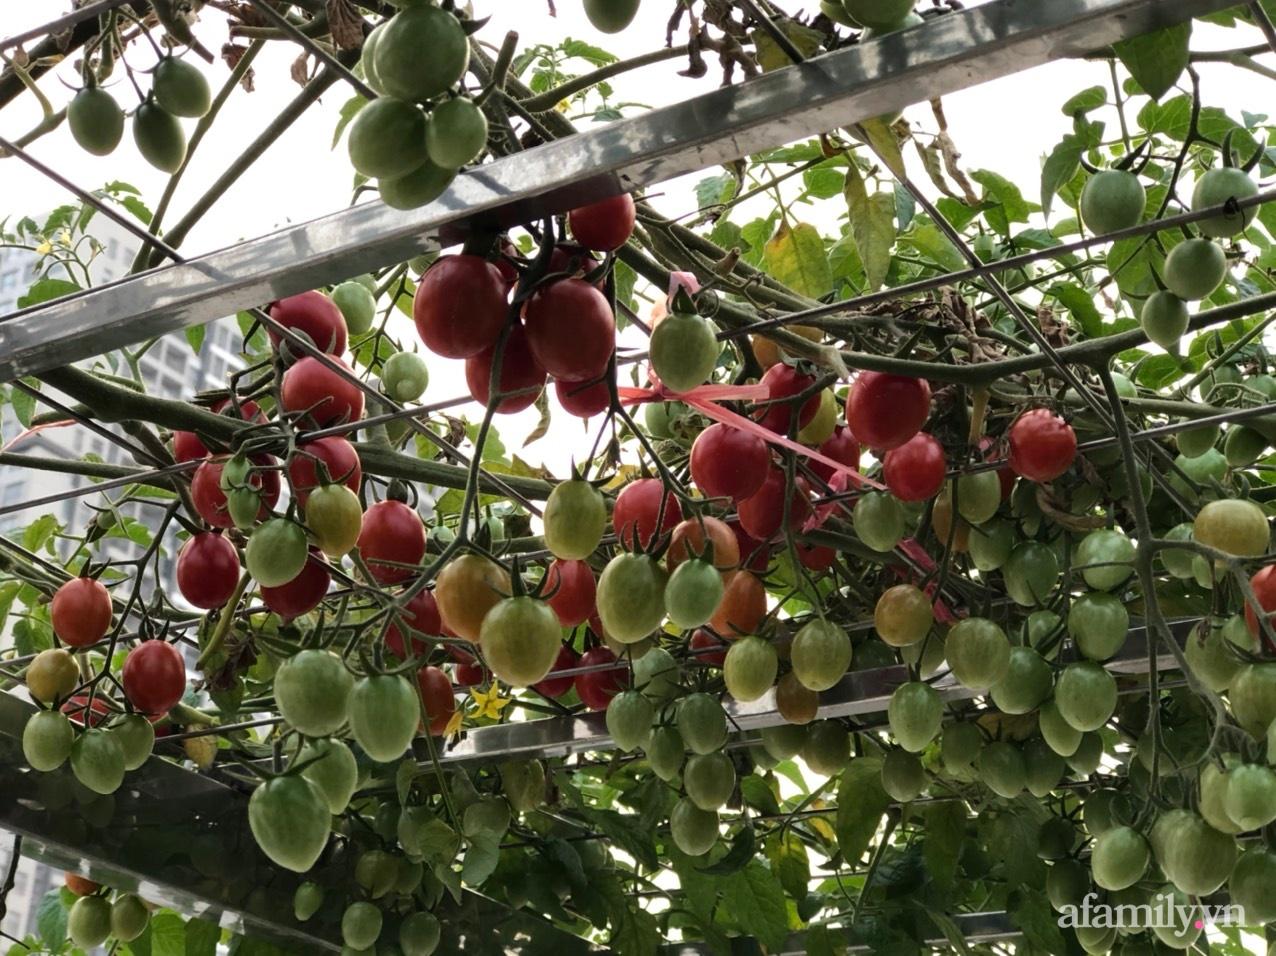 Vườn rau quả sạch 100m2 trên mái nhà của người phụ nữ xinh đẹp ở Hà Nội - Ảnh 6.